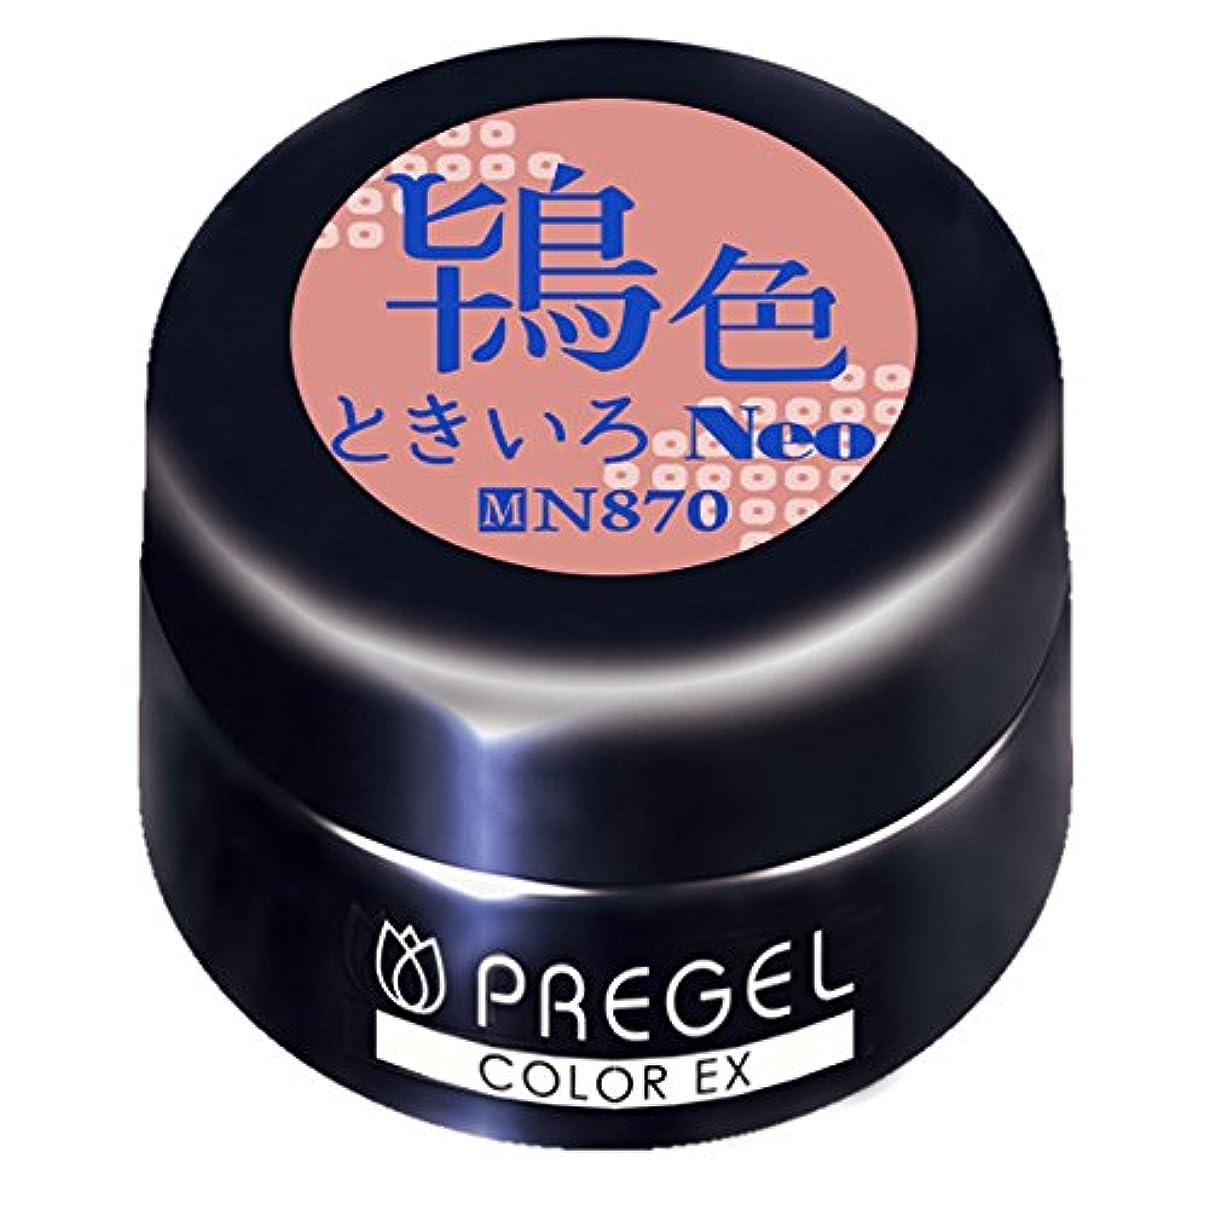 高く公式パイントPRE GELカラーEX 鴇色(ときいろ)neo 3g PG-CEN870